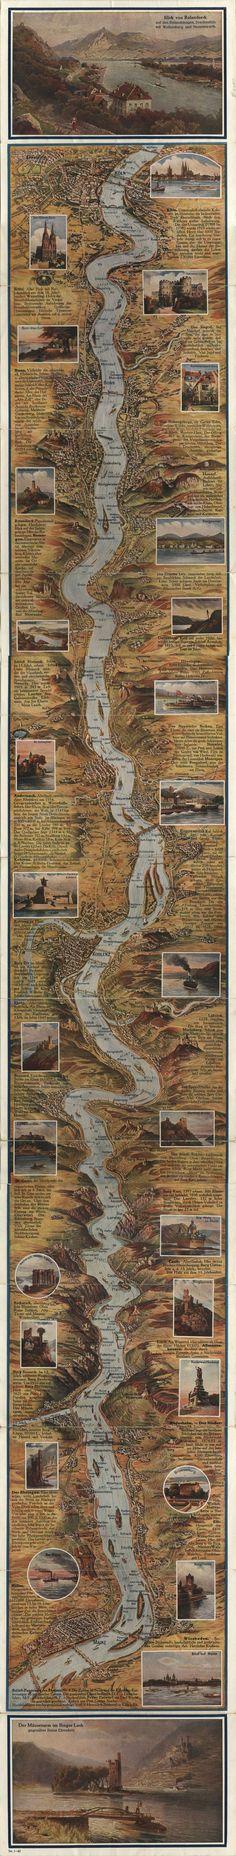 Relief-Panorama des Rheins, 1932 - 10